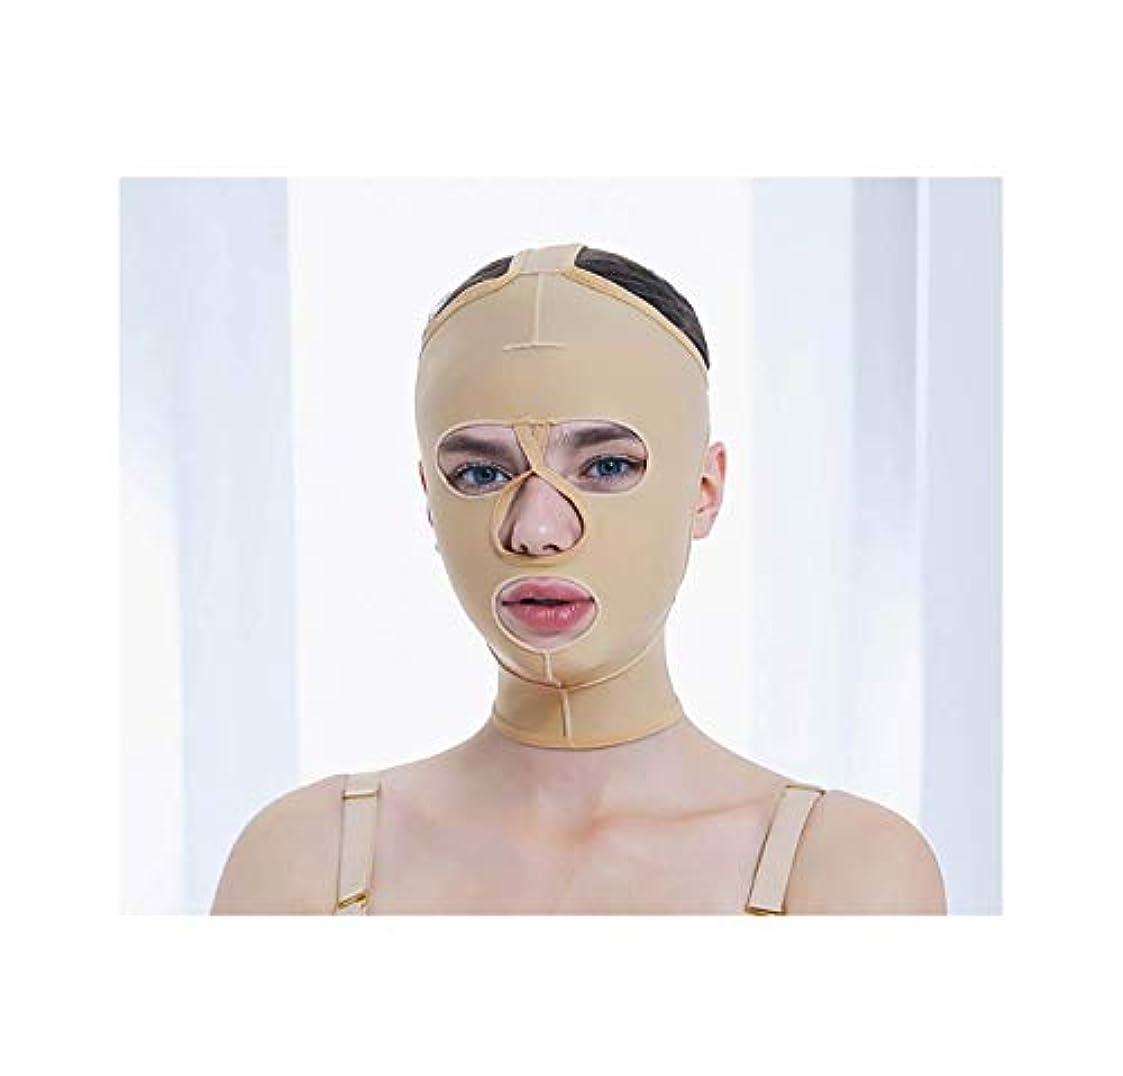 動く省シダフェイス&ネックリフト、減量フェイスマスク脂肪吸引術脂肪吸引整形マスクフードフェイスリフティングアーティファクトVフェイスビームフェイス弾性スリーブ(サイズ:XS),L